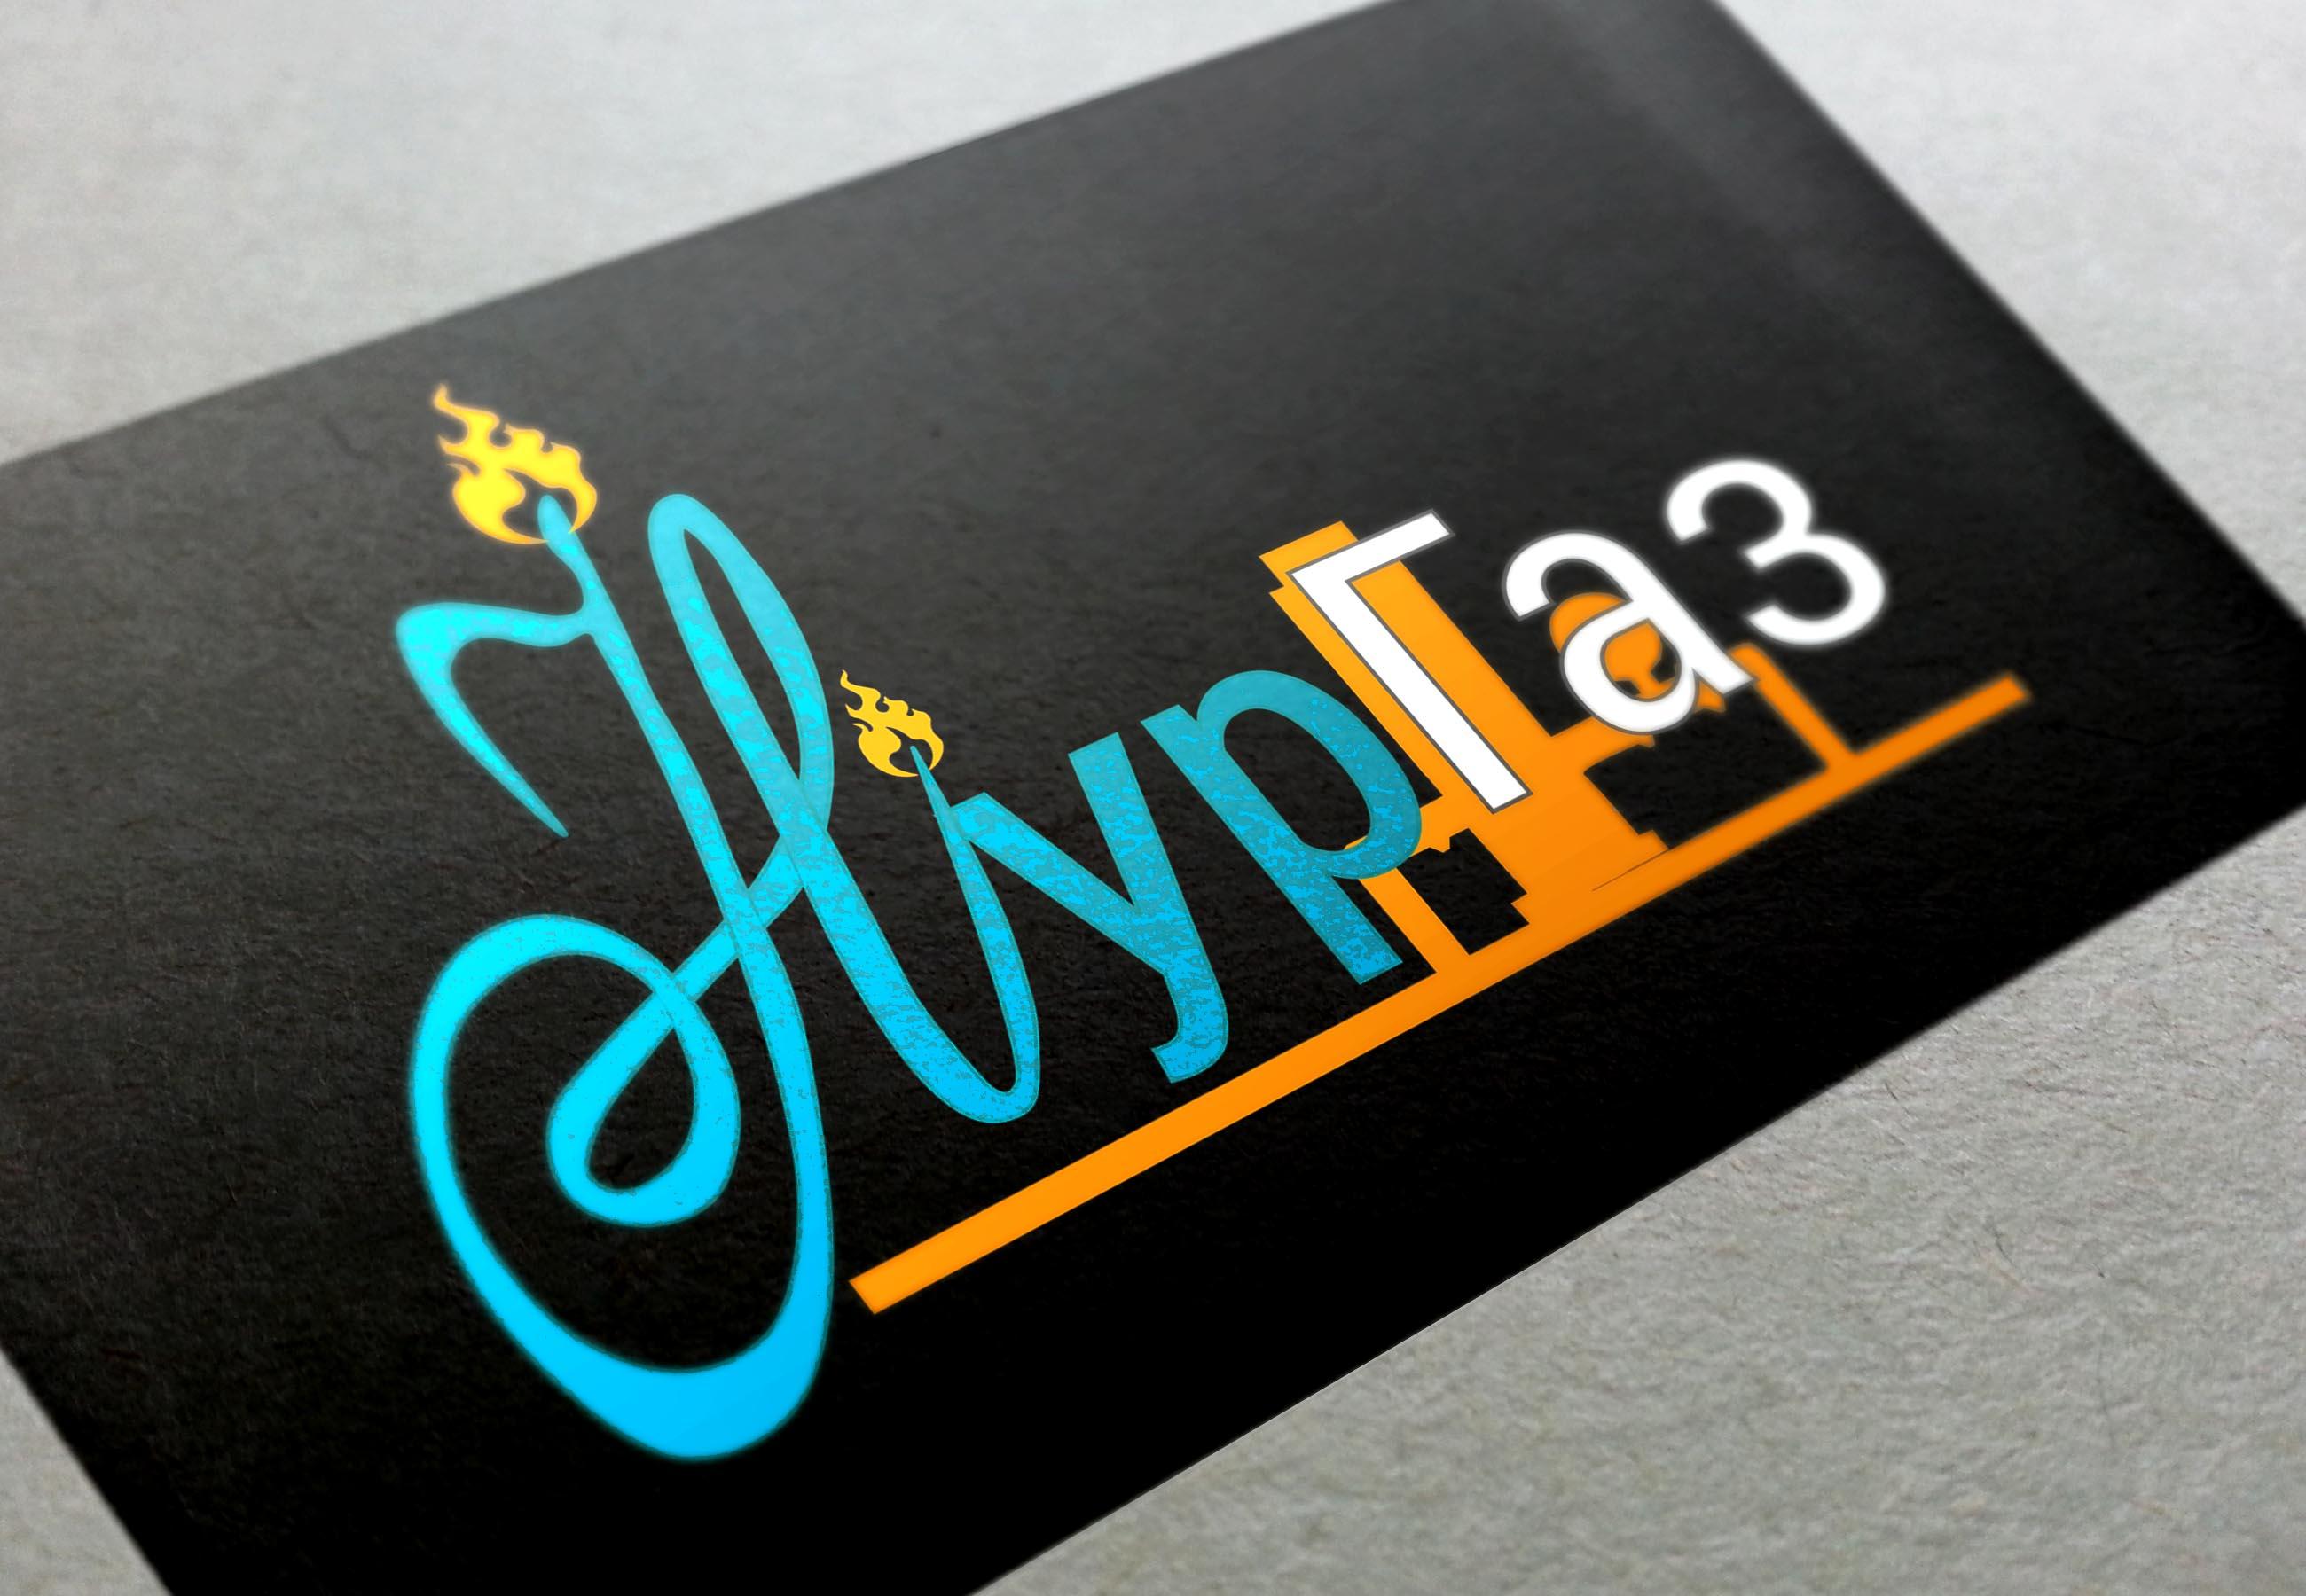 Разработка логотипа и фирменного стиля фото f_3185da211797e334.jpg